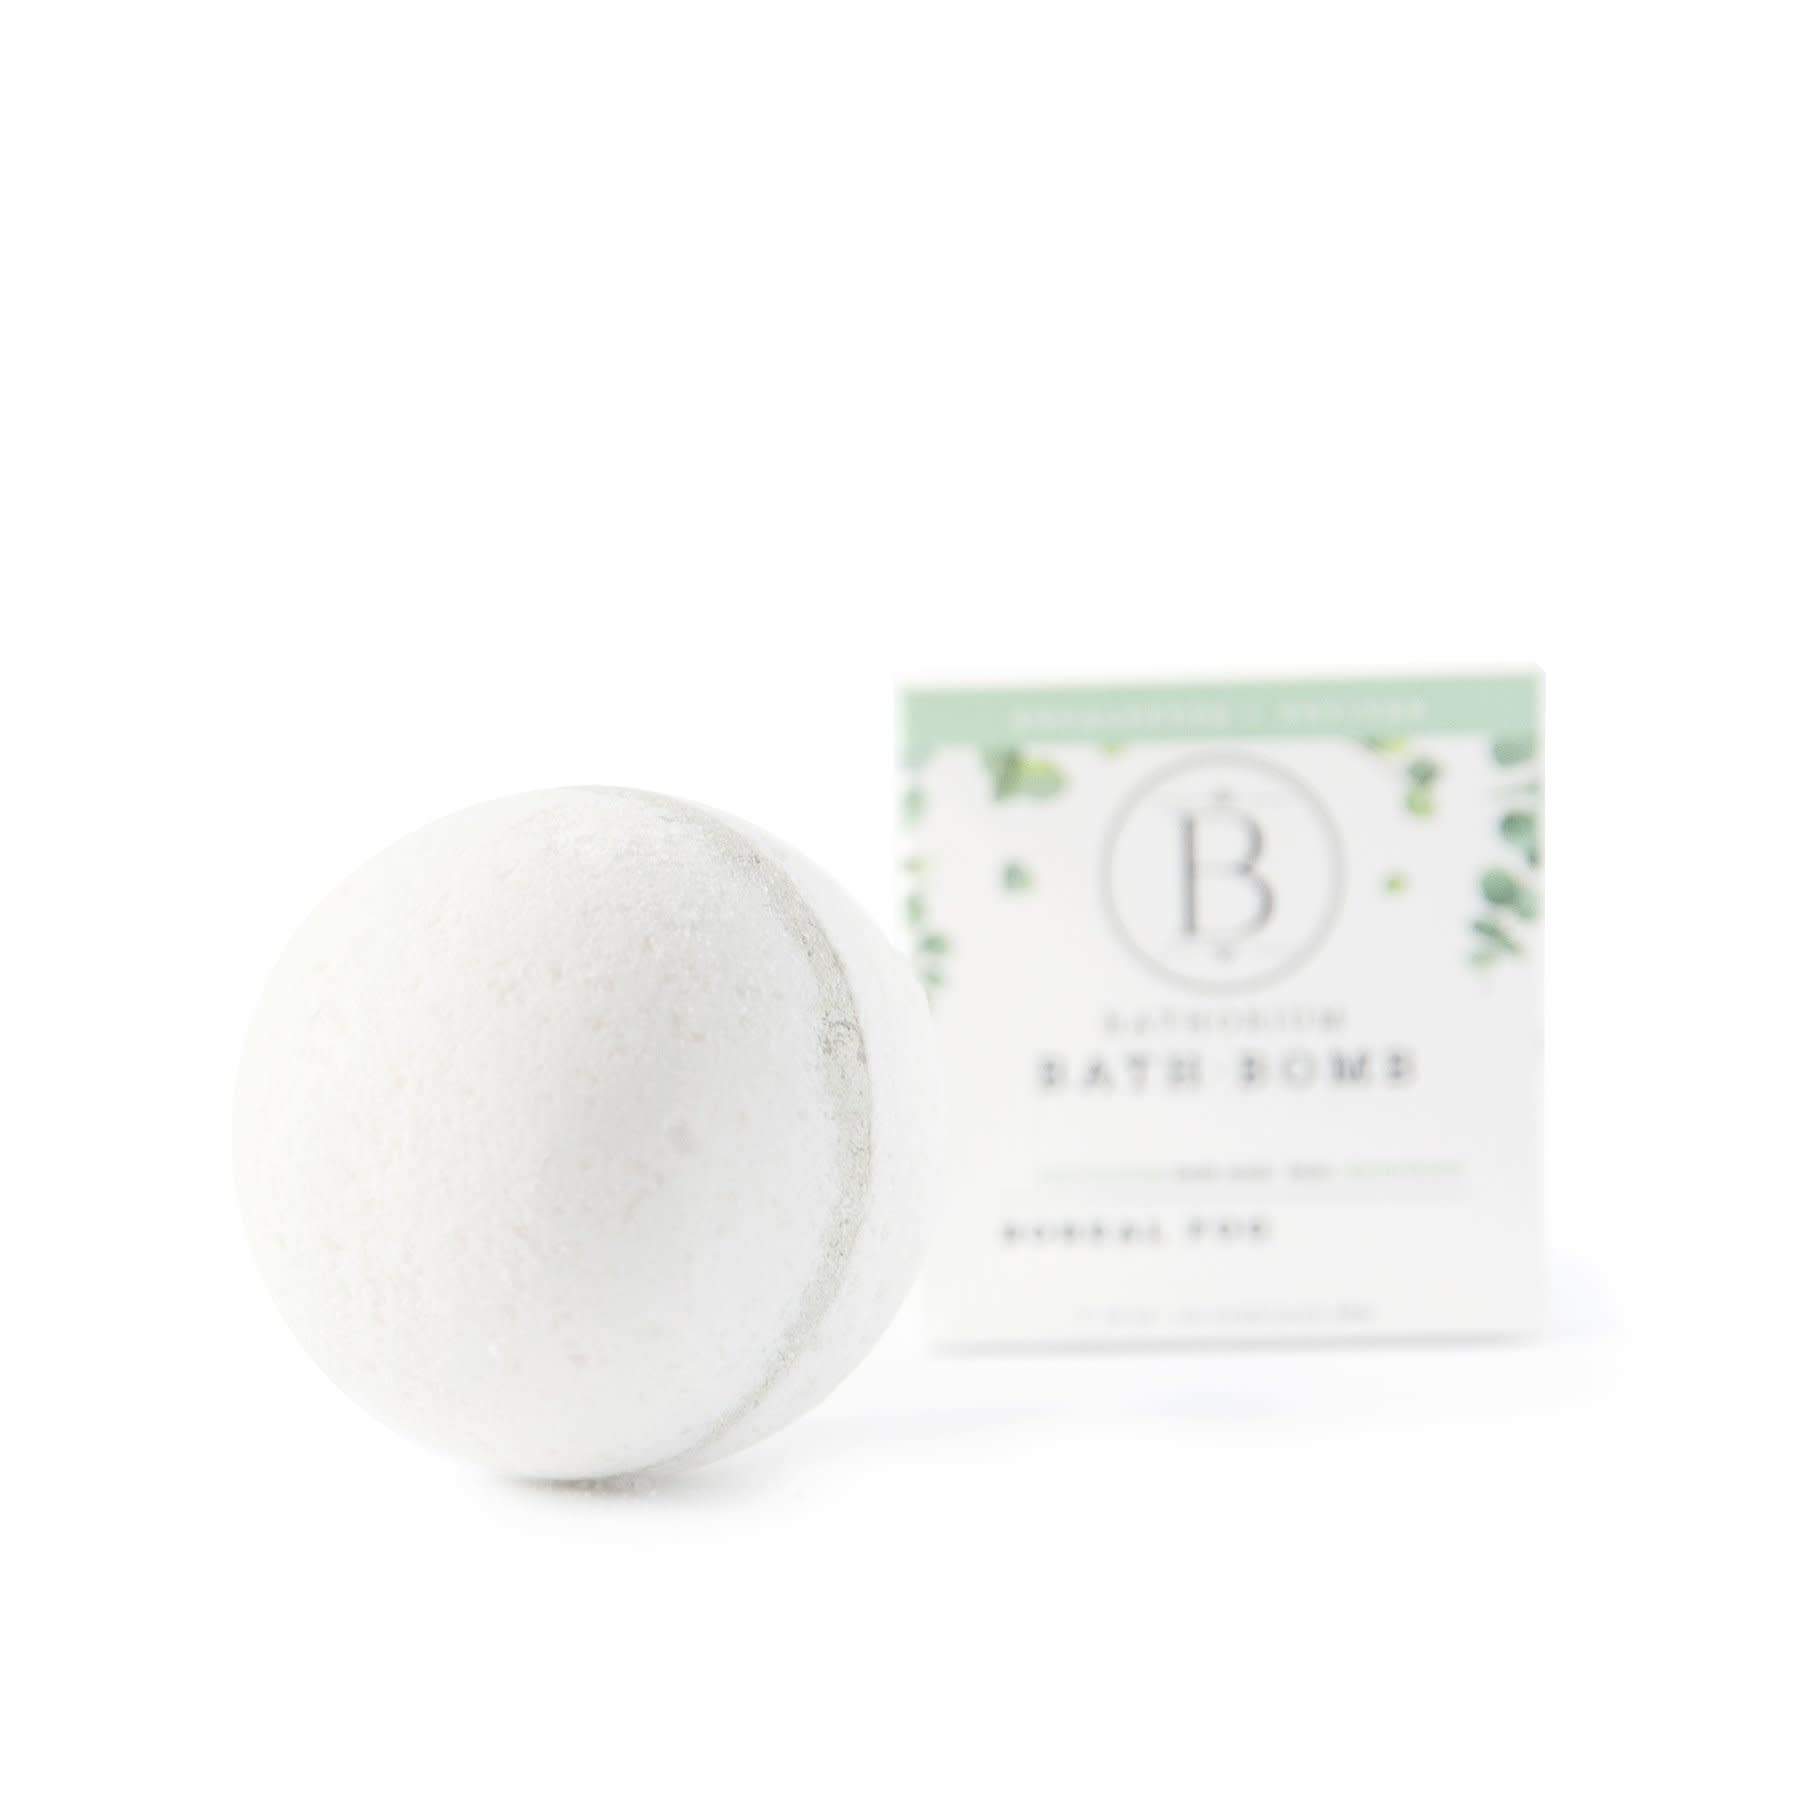 Bathorium Bath Bomb